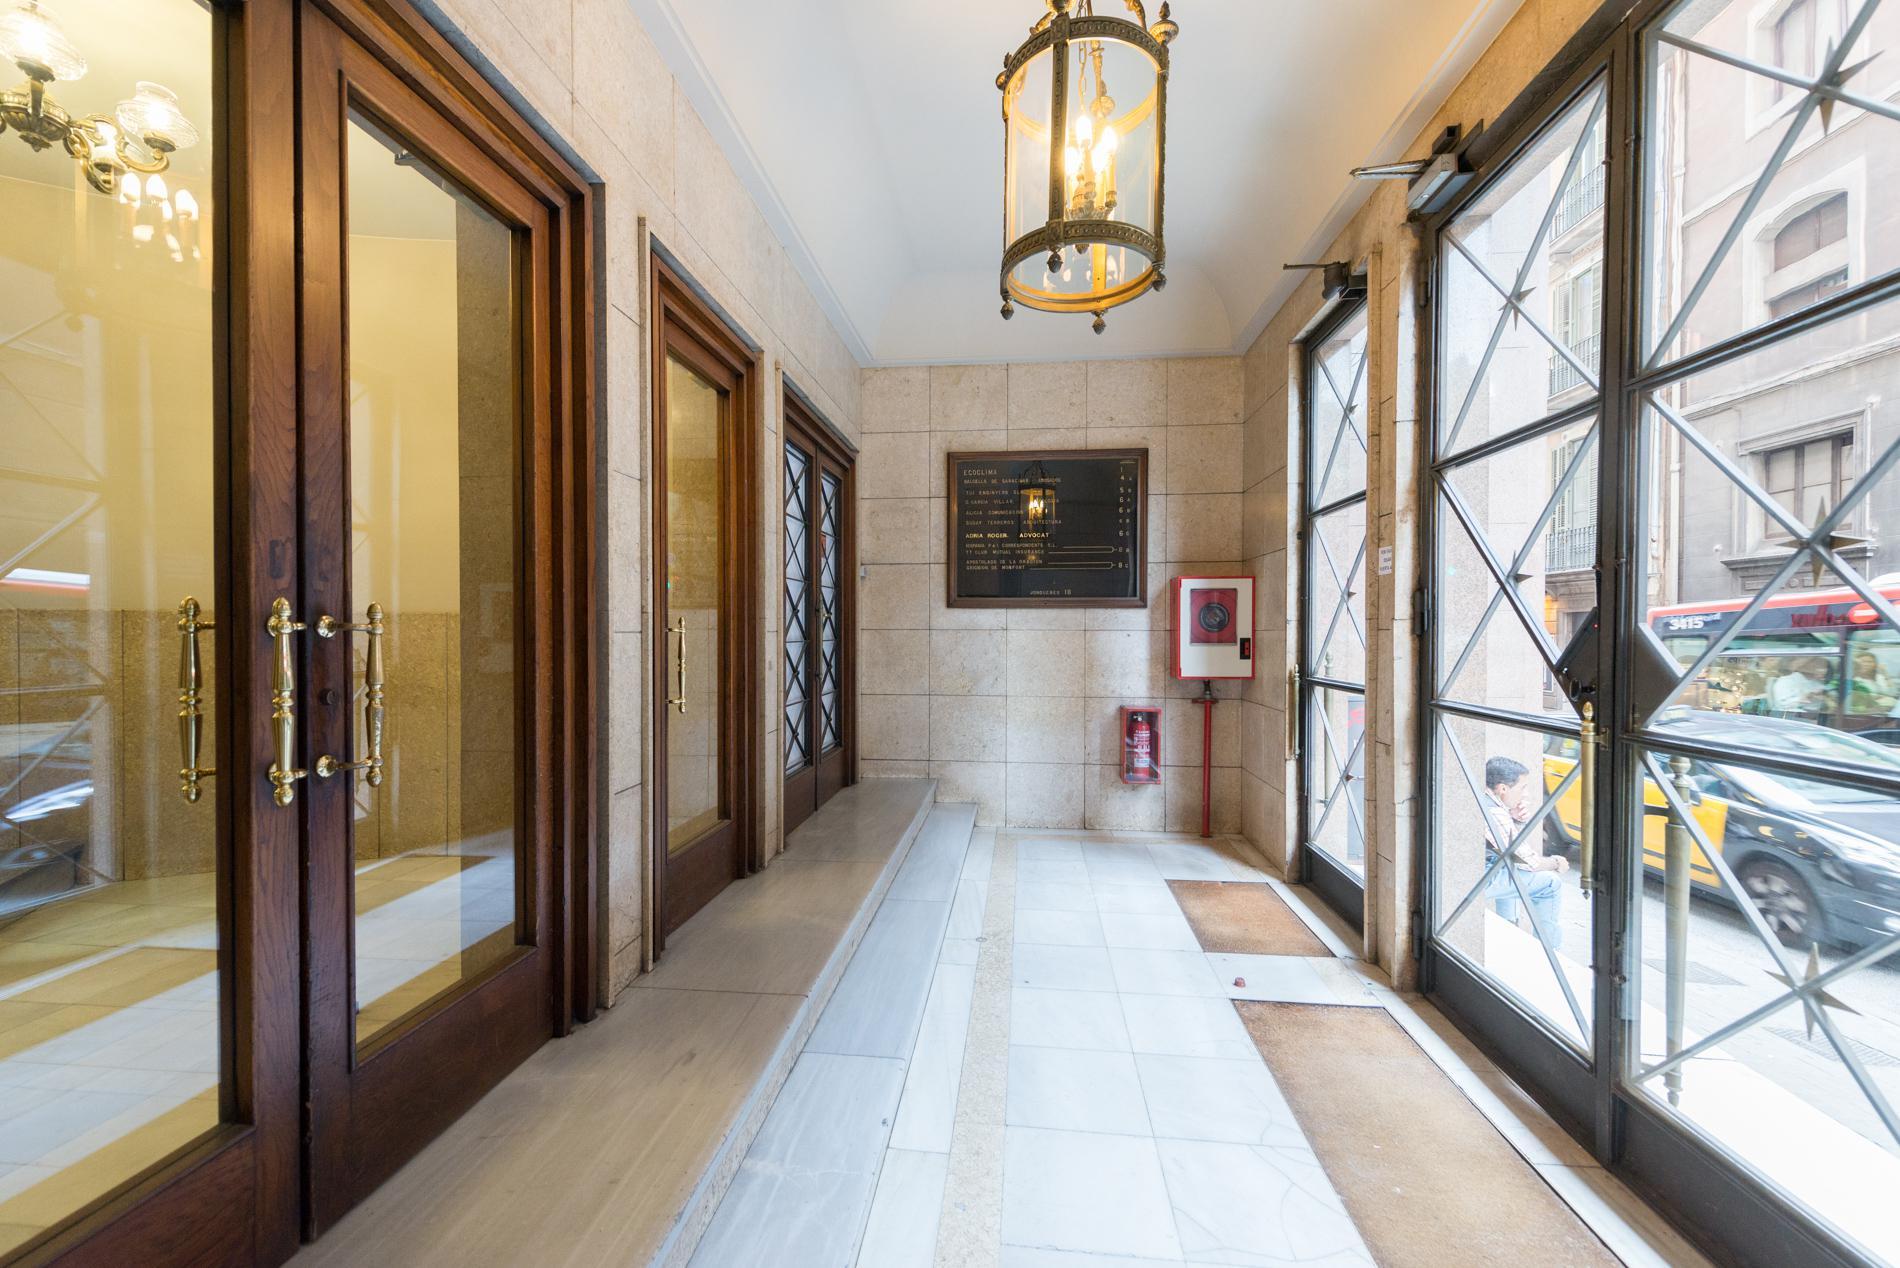 187548 Apartamento en venta en Ciutat Vella, St. Pere St. Caterina i La Ribera 24